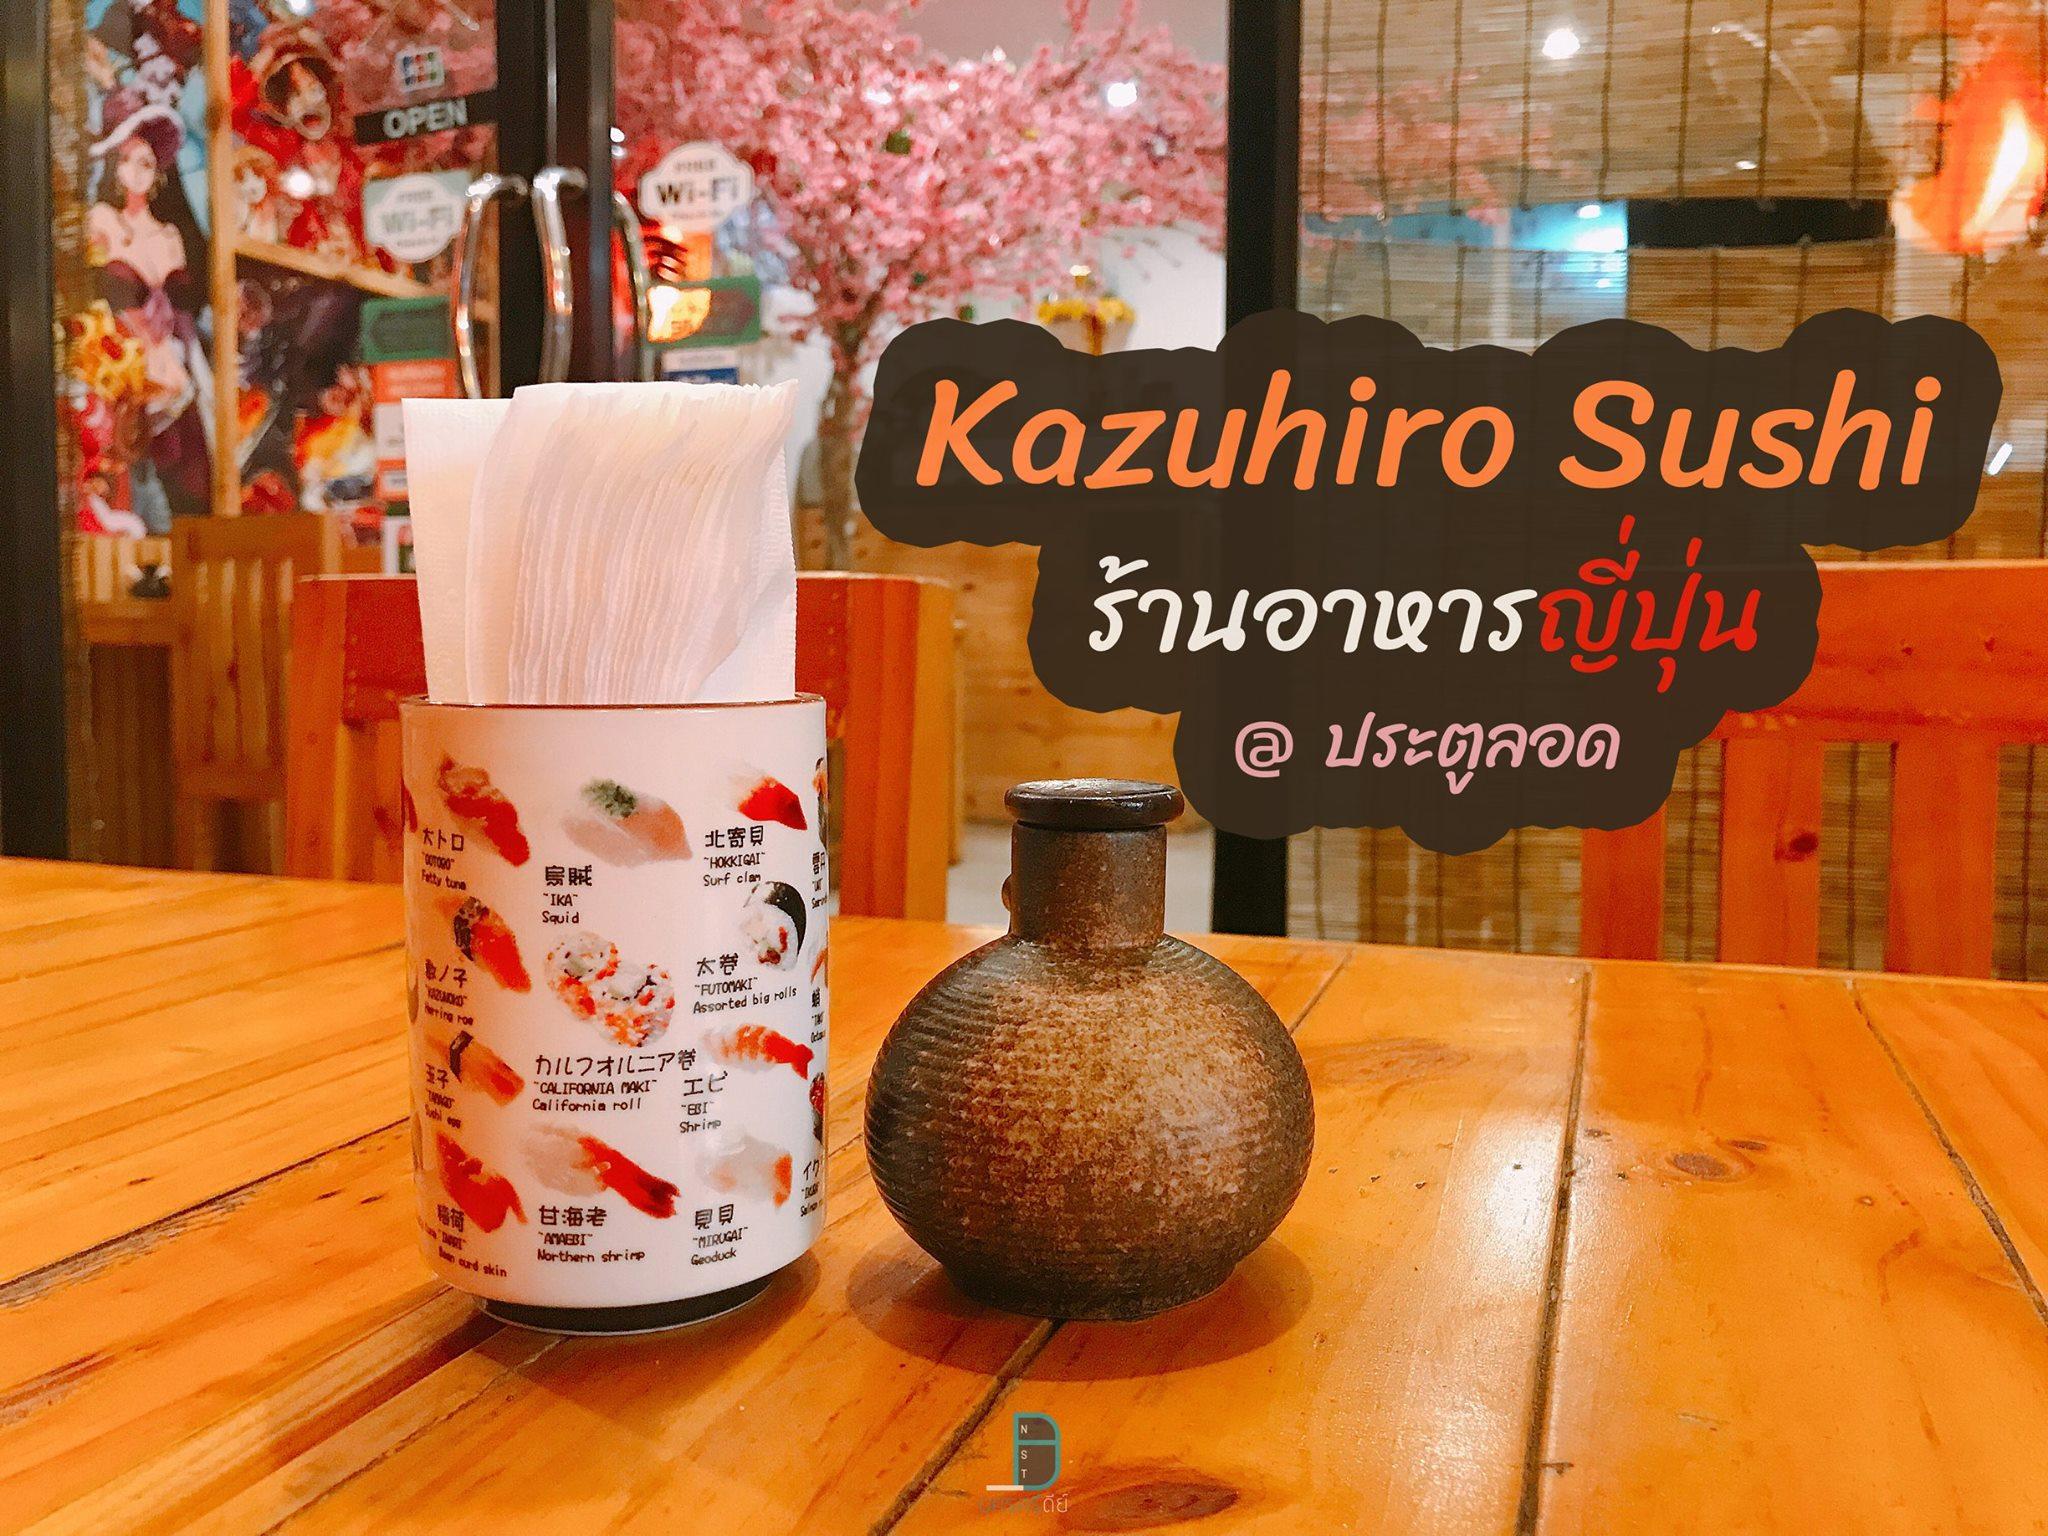 Kazuhiro Sushi คาซึฮิโระ ซูชิ ร้านอาหารญี่ปุ่น ประตูลอด คออาหารญี่ปุ่นห้ามพลาดด